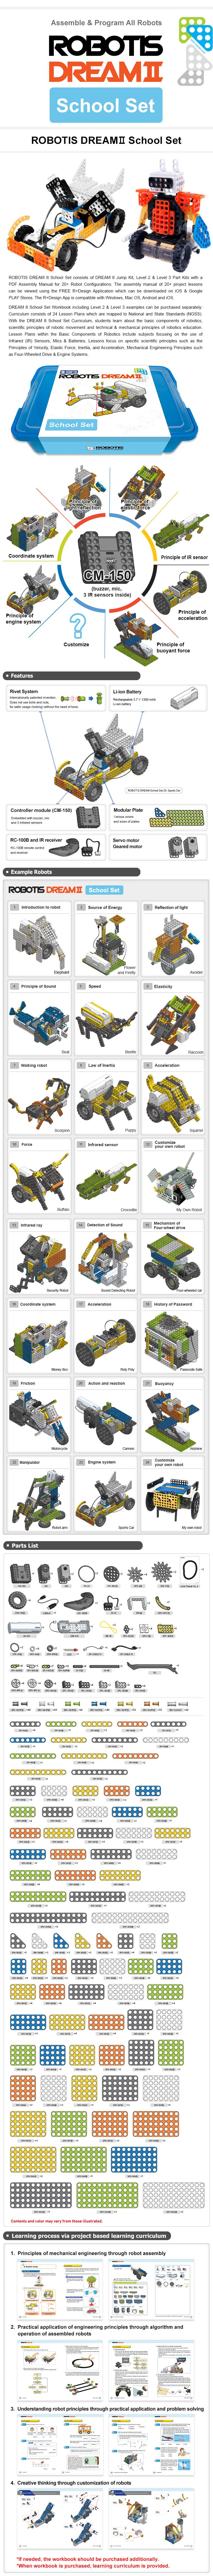 ROBOTIS_DREAMⅡ_School Set_EN_ver1807.jpg